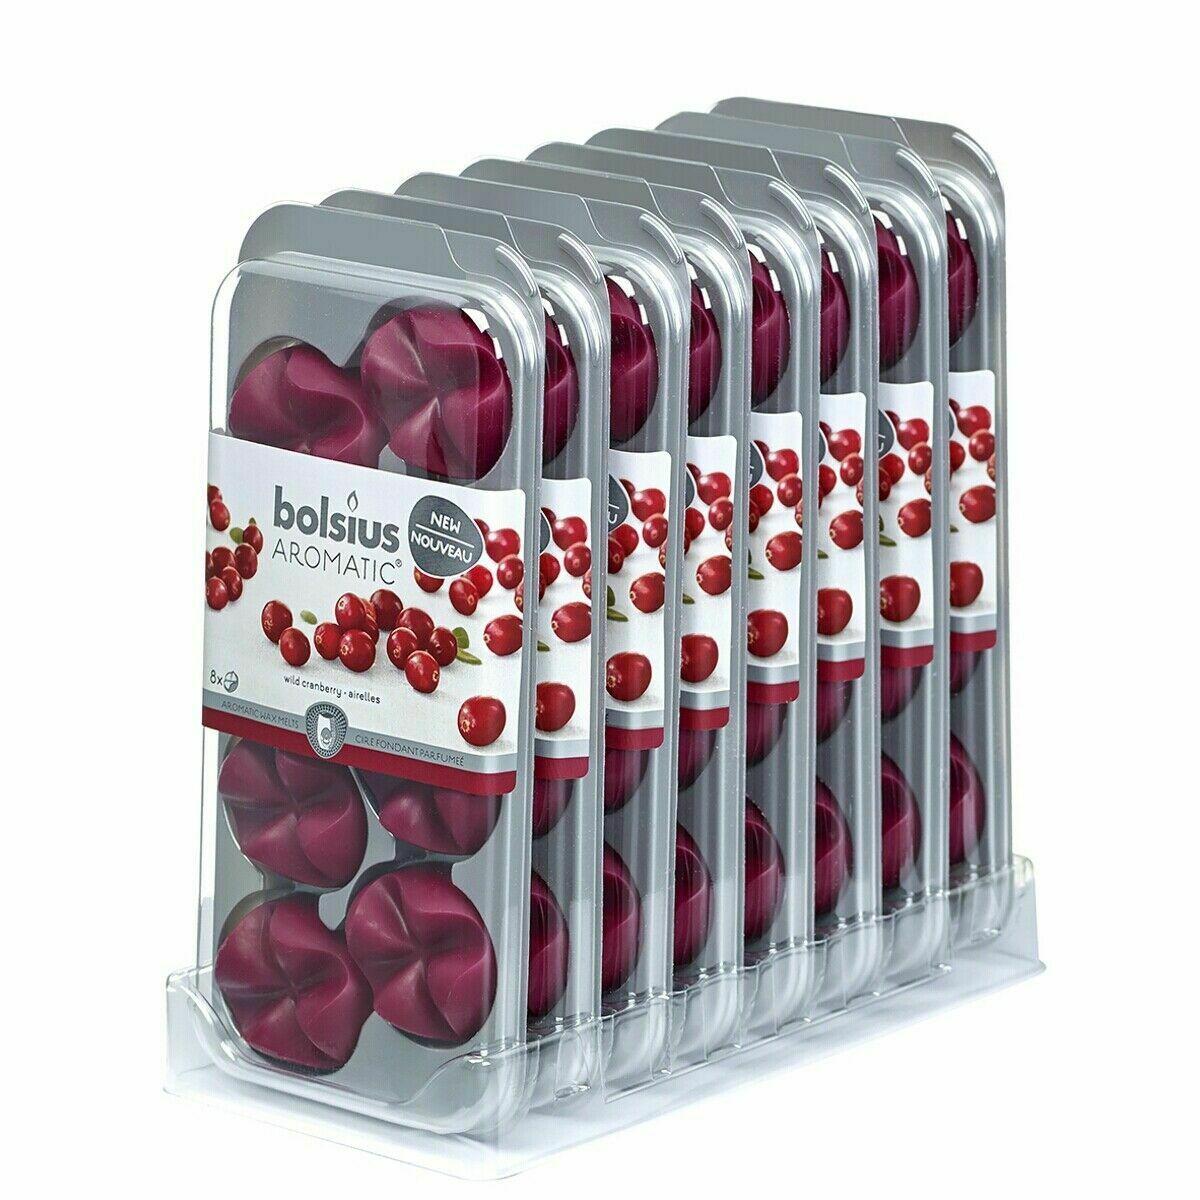 64 Stück Bolsius AROMATIC Wax Melts Wachs Duft Schmelzblüten Düfte (8x8er)